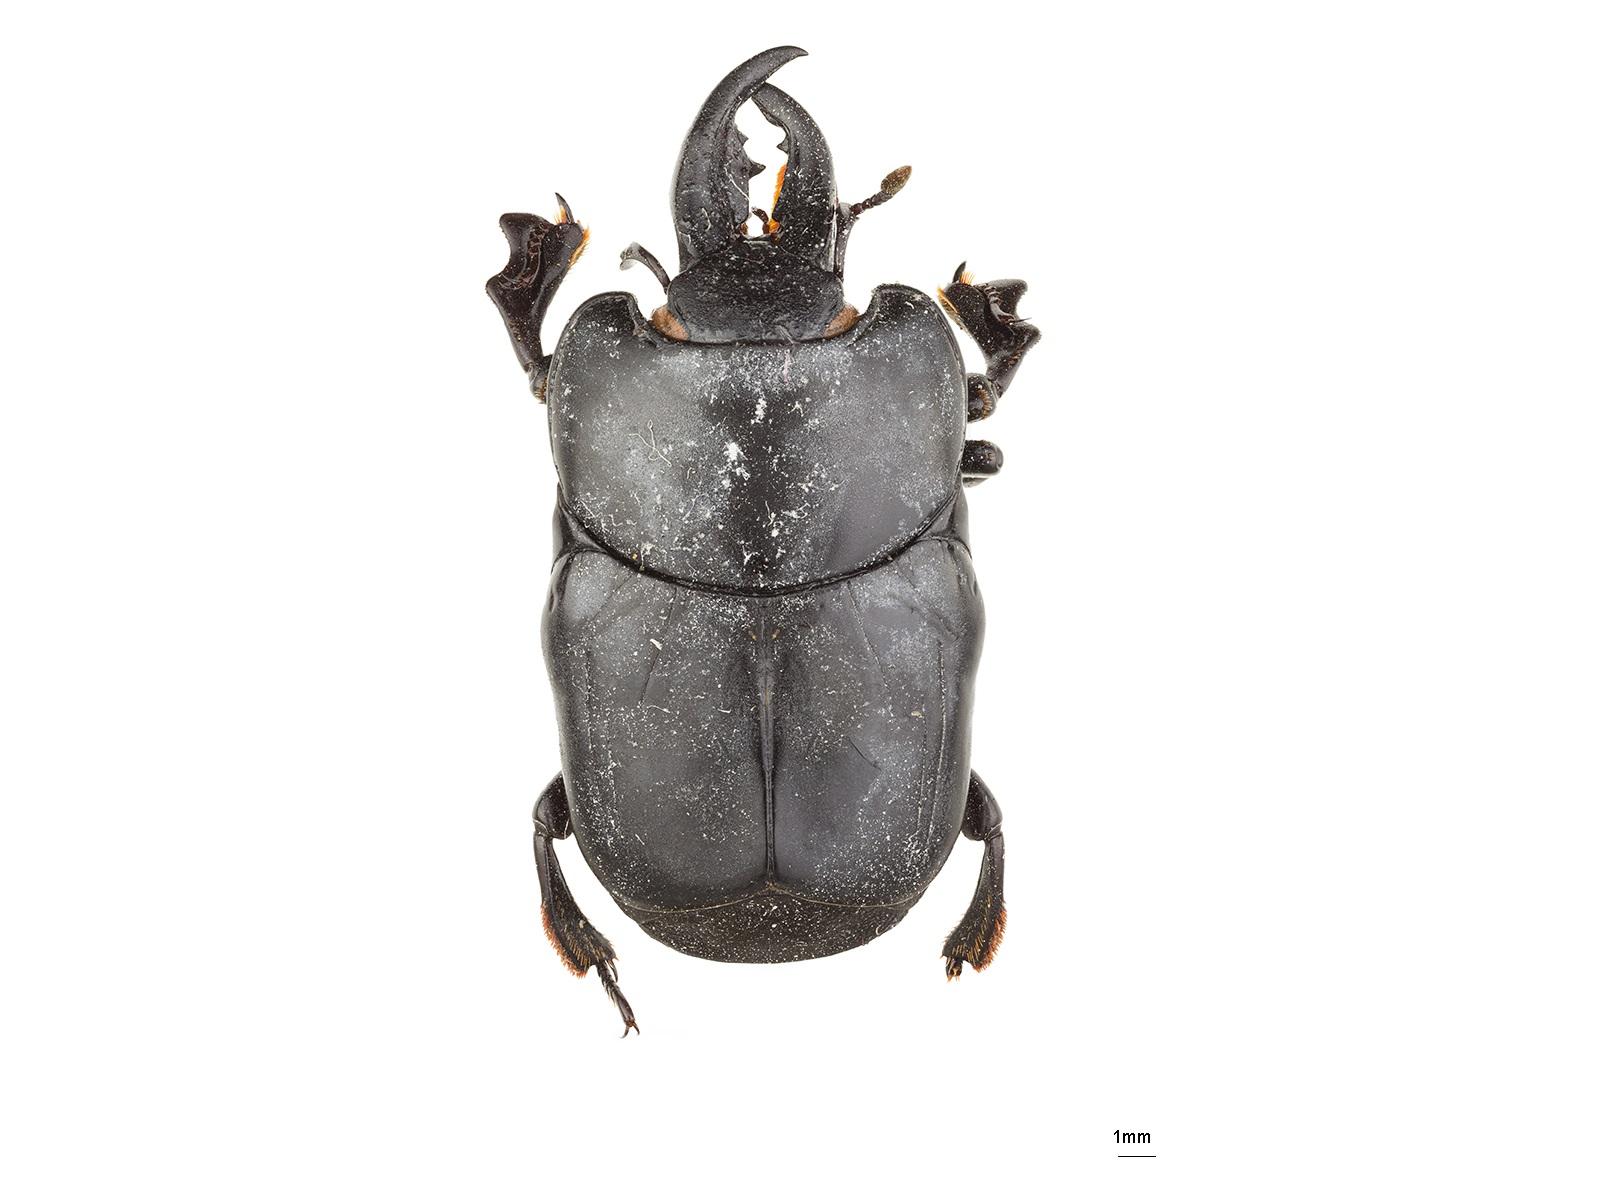 Oxysternus maximus (Linnaeus, 1767)